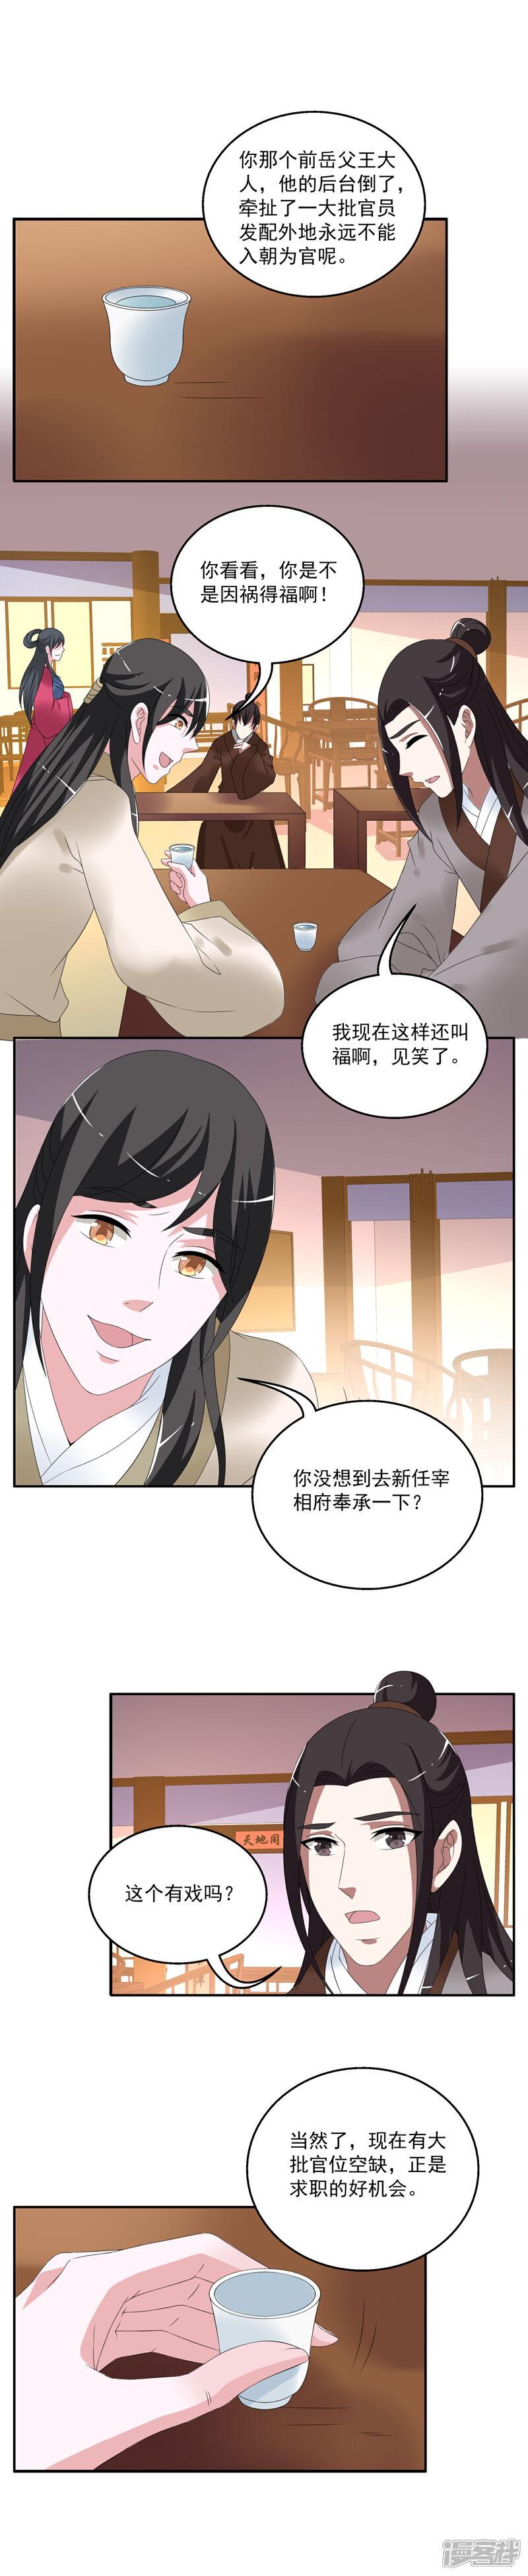 洛小妖158 (3).JPG